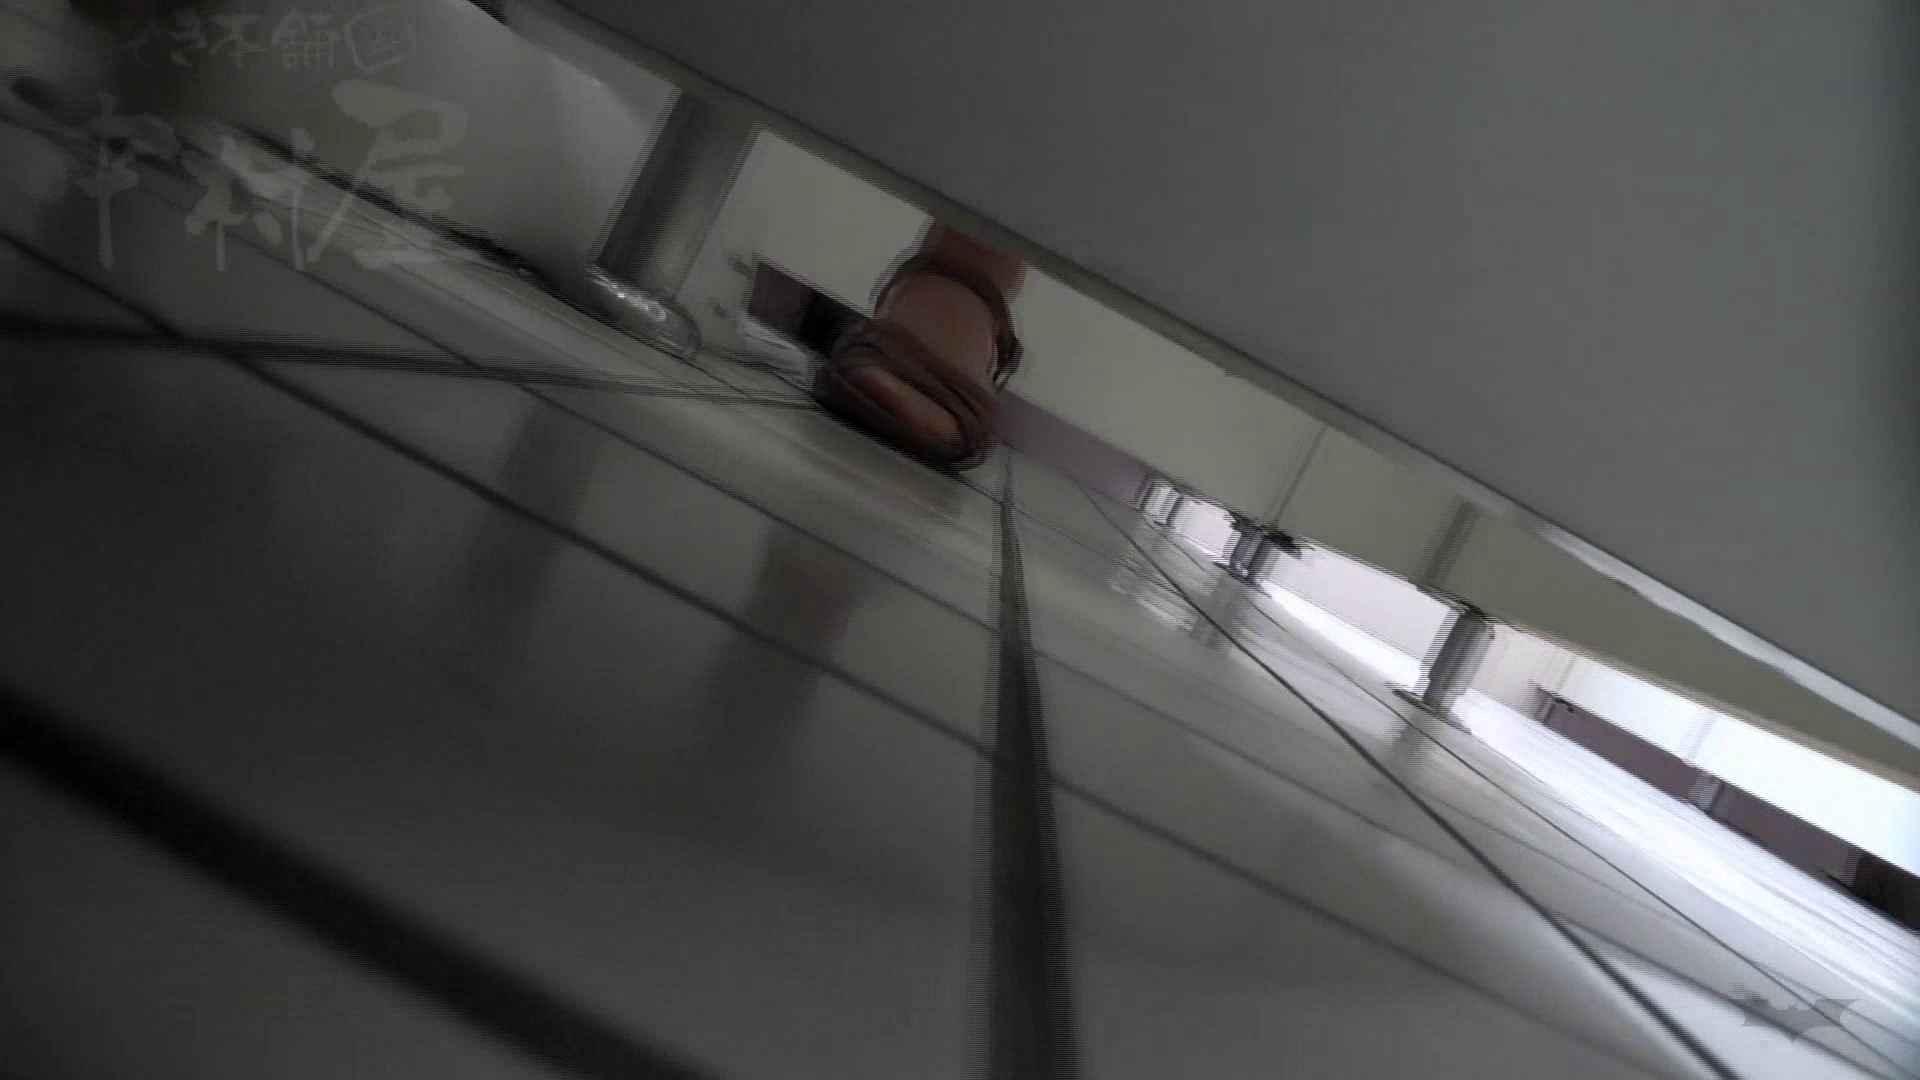 美しい日本の未来 No.16 あぁ懐かしき青春の日々・・・。 マンコ | 盗撮  94pic 74